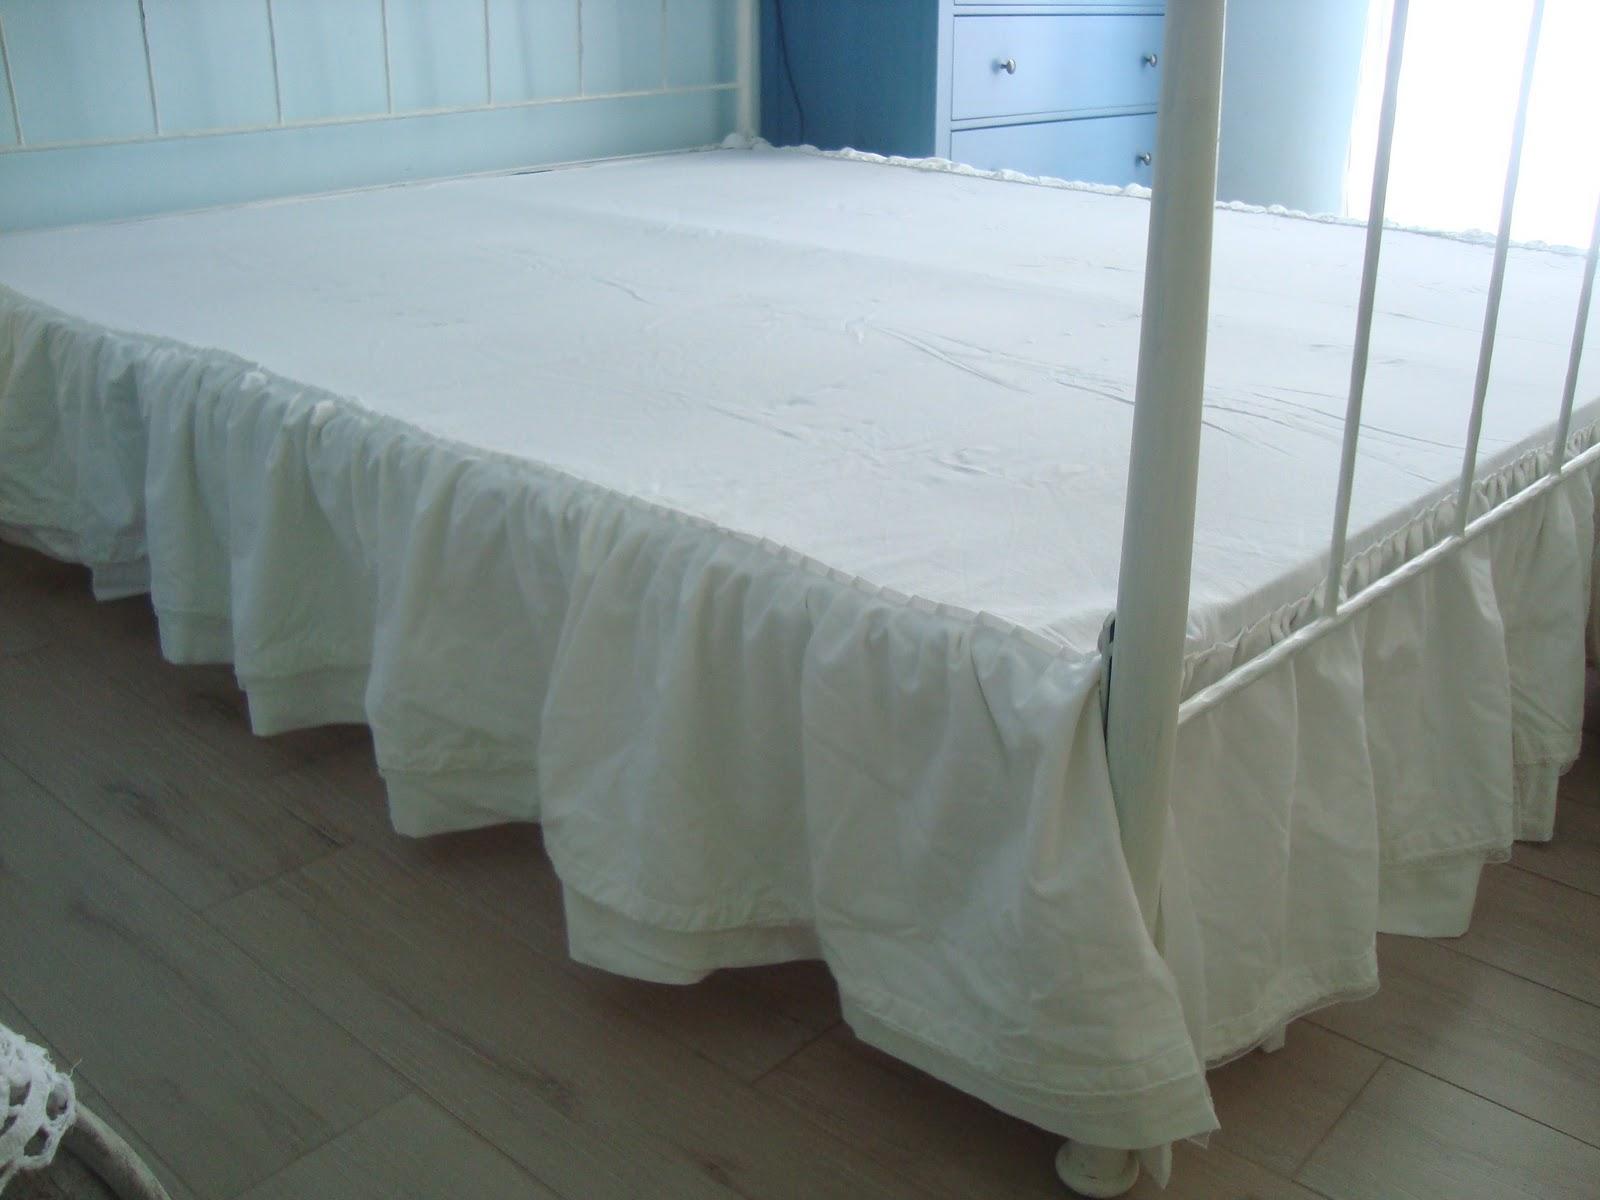 Il sogno shabby di marina the my shabby house cucito - Coprirete letto ...